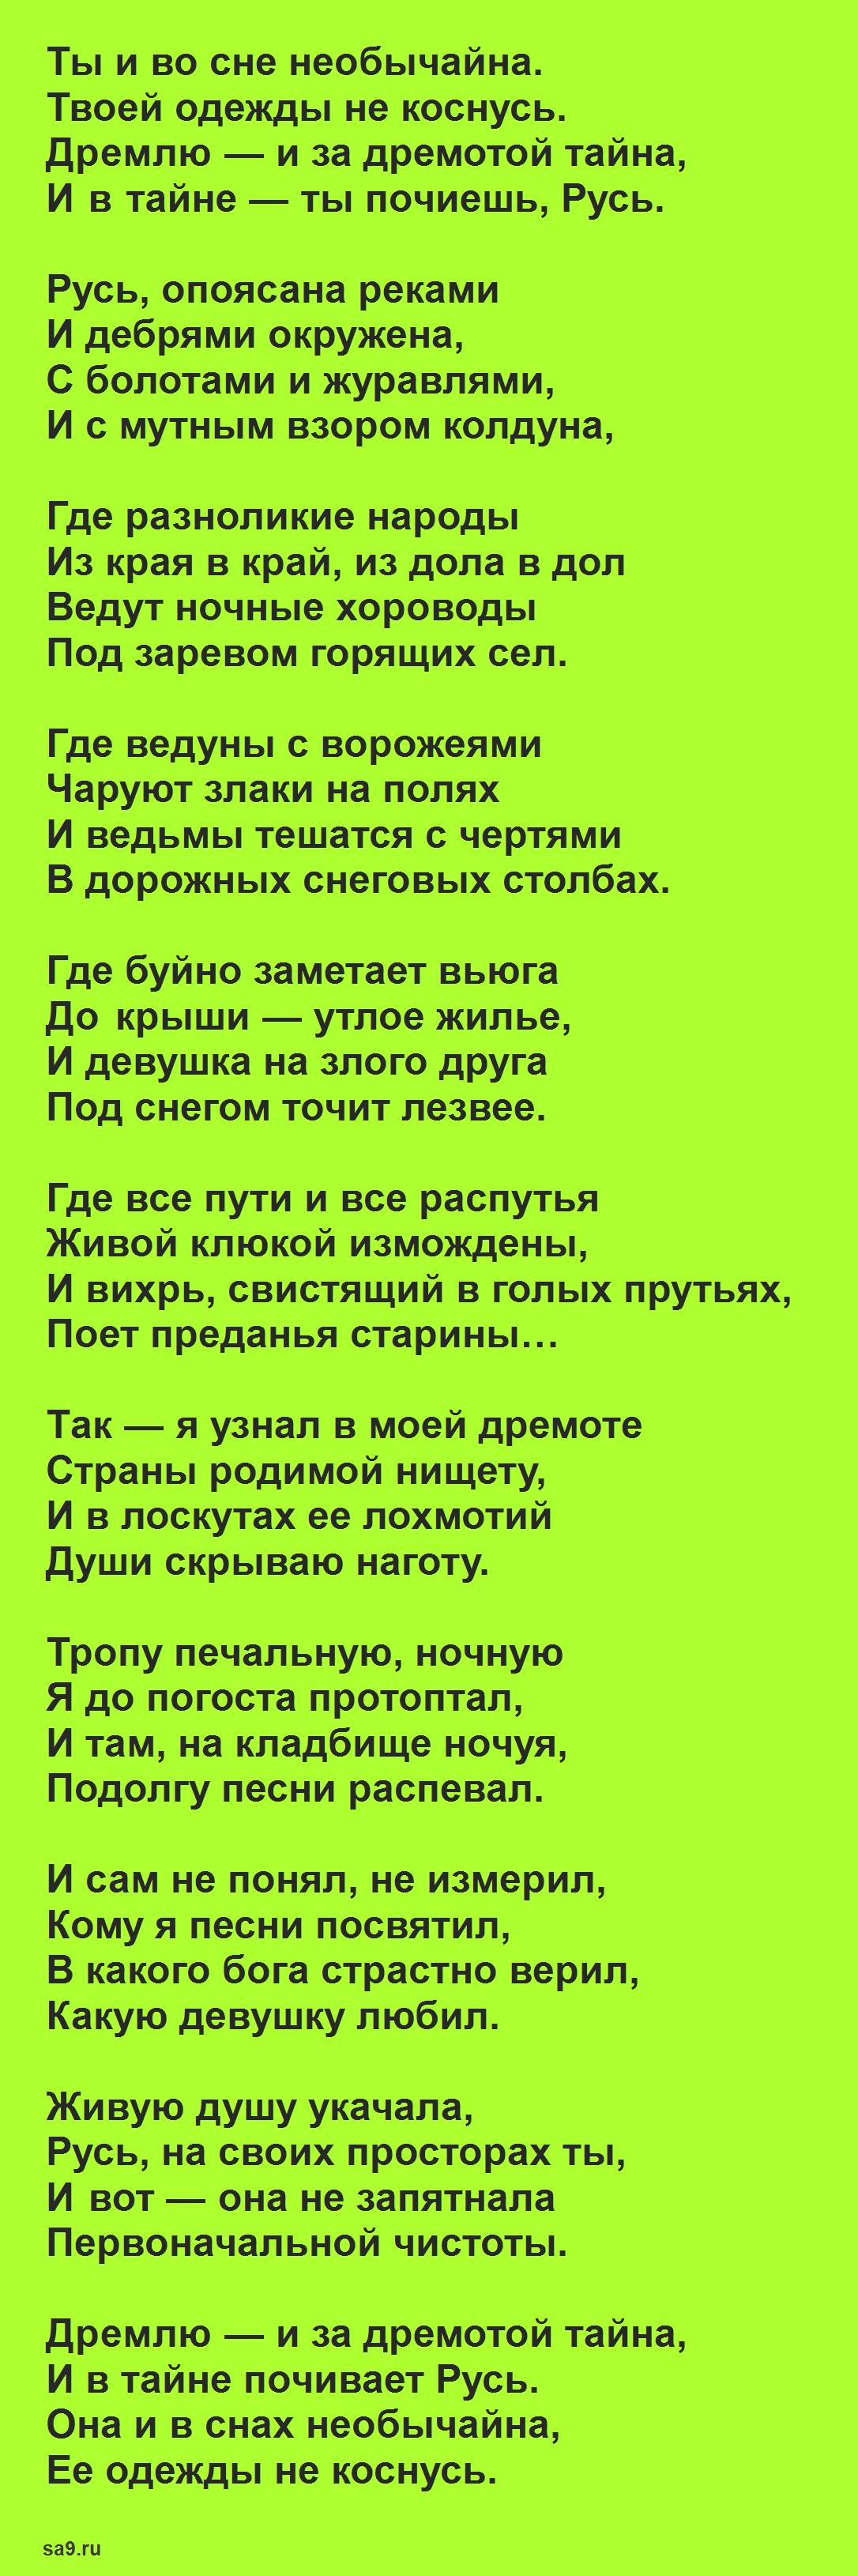 Блок стихи о Родине - Русь